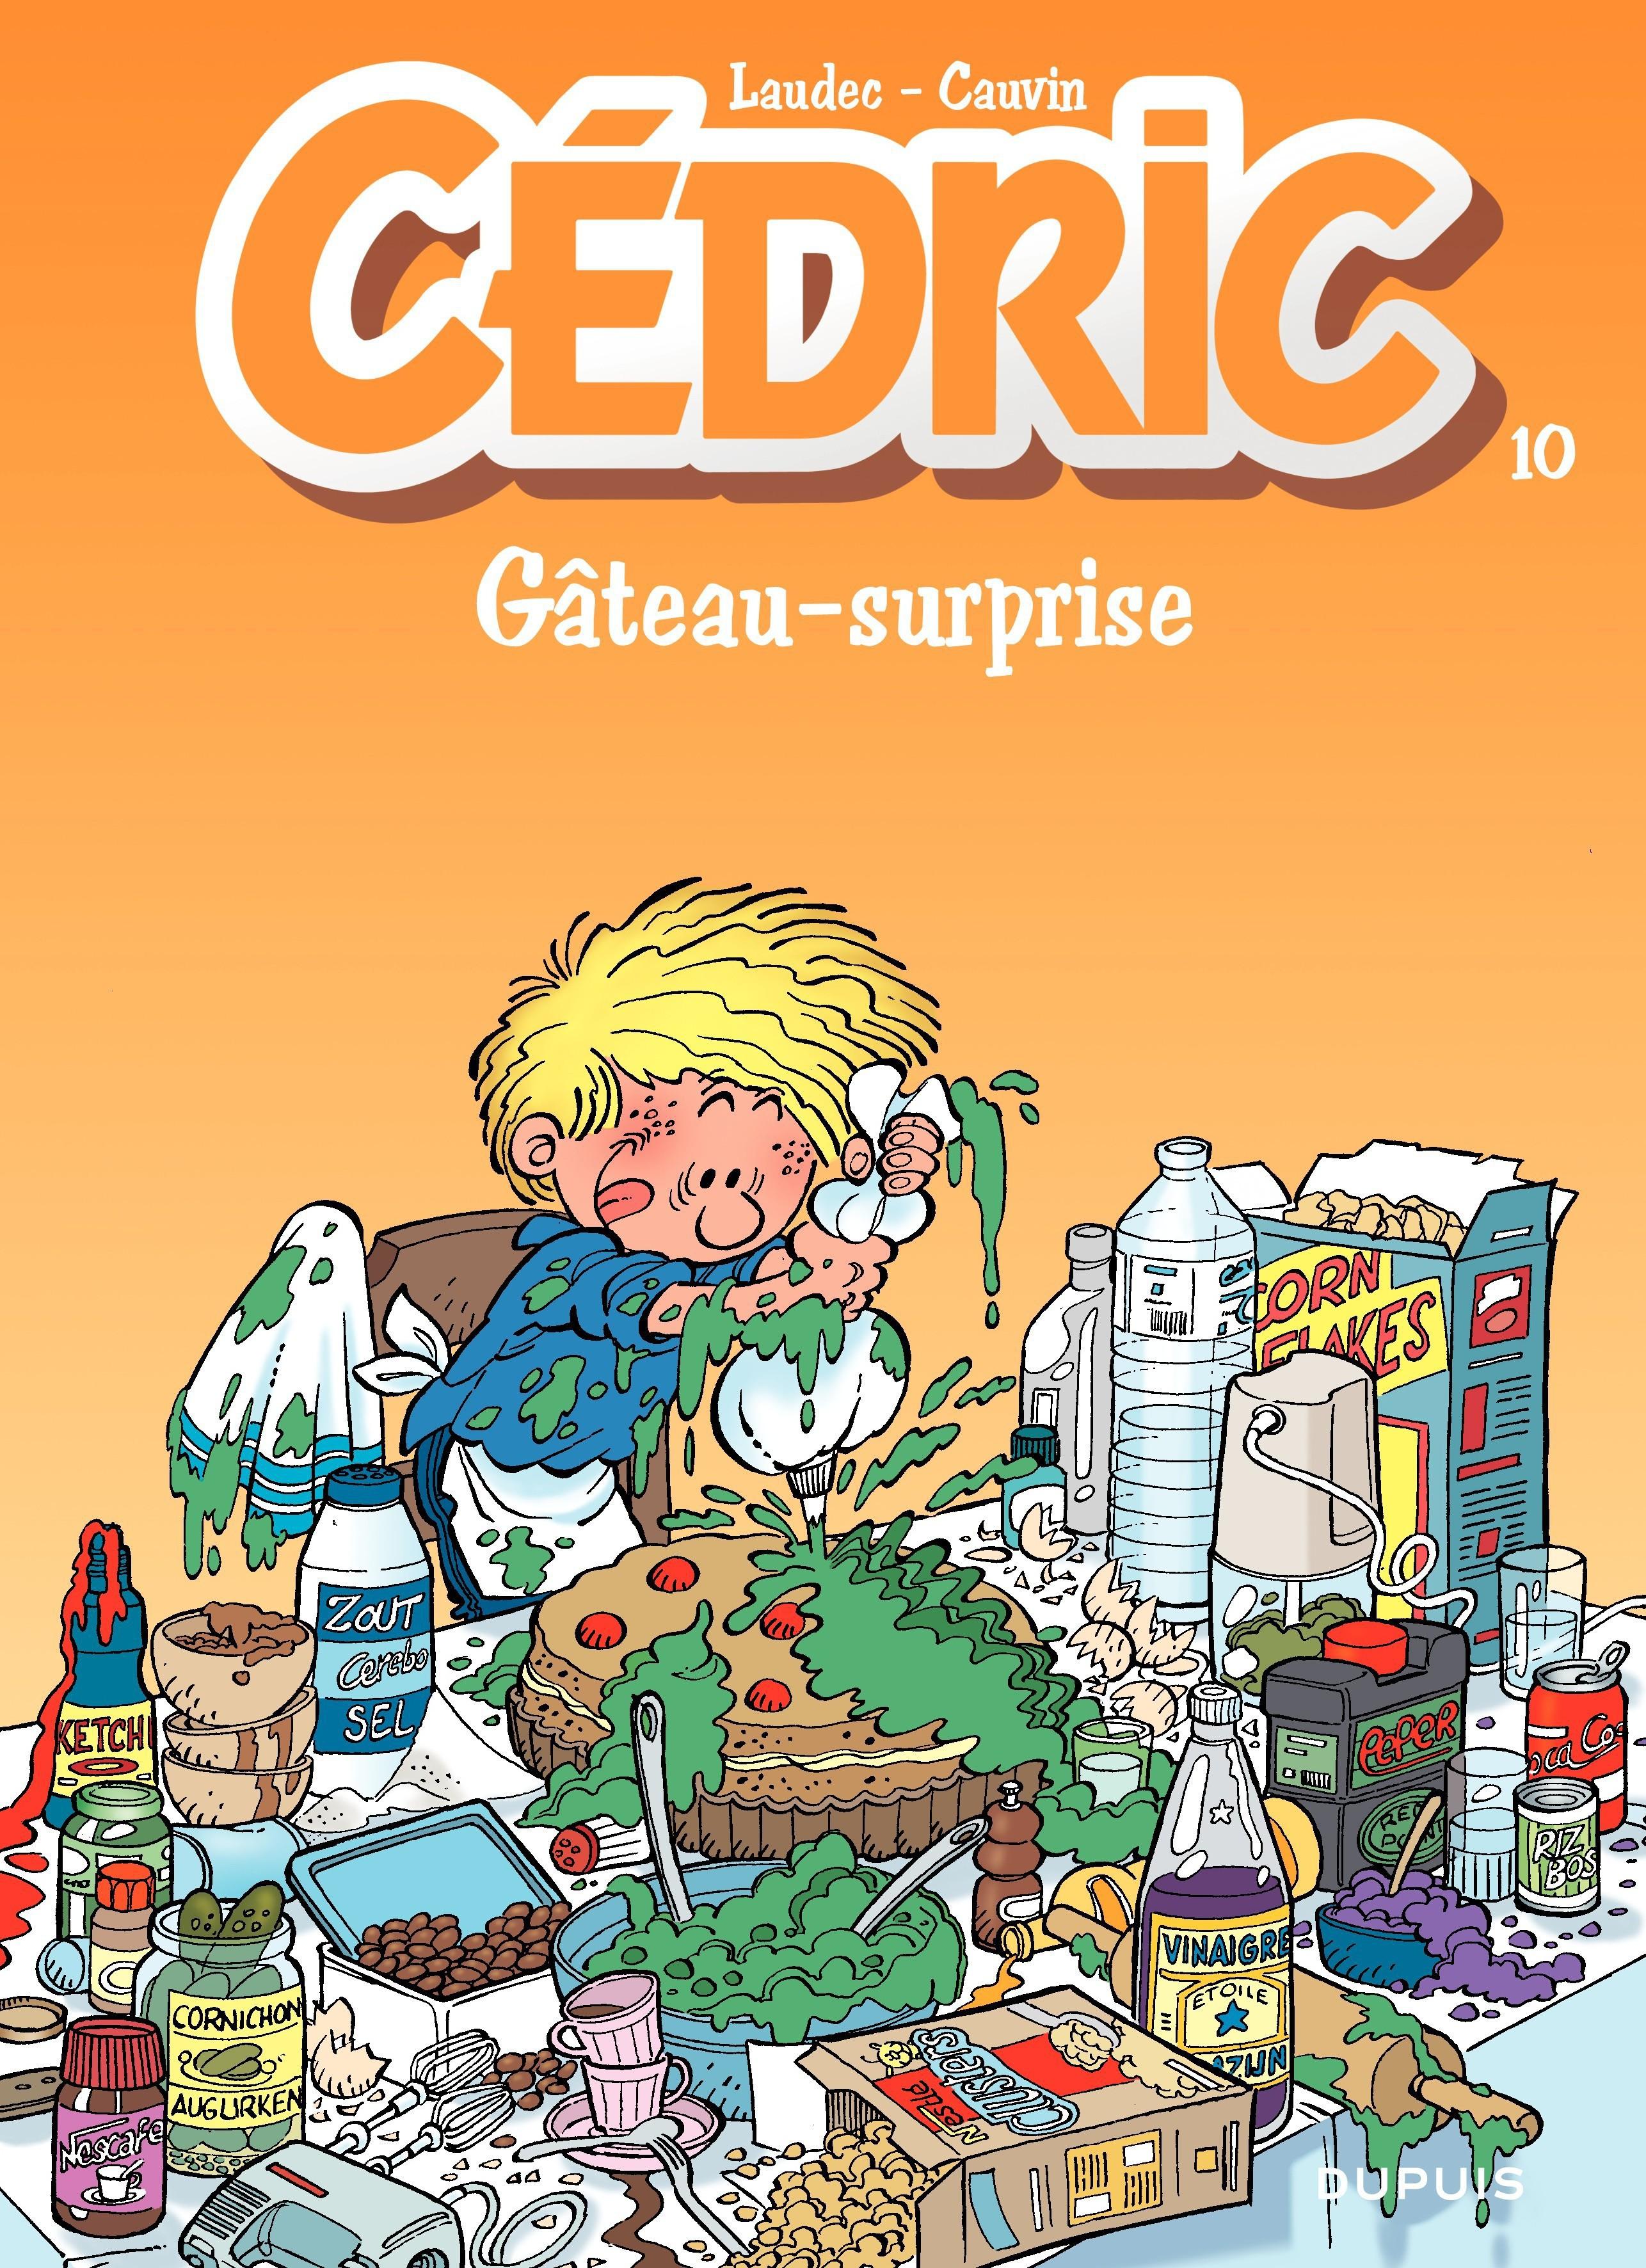 Cédric - 10 - GATEAU SURPRISE